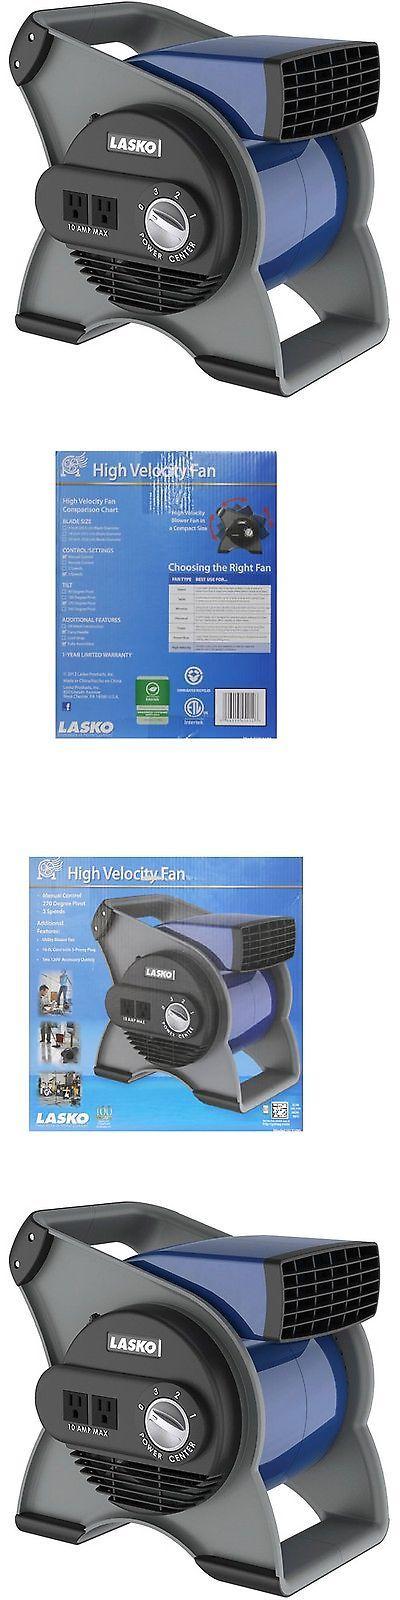 Portable Fans 20612: Lasko Multi-Purpose Pivoting Utility Fan U12100 -> BUY IT NOW ONLY: $55.99 on eBay!